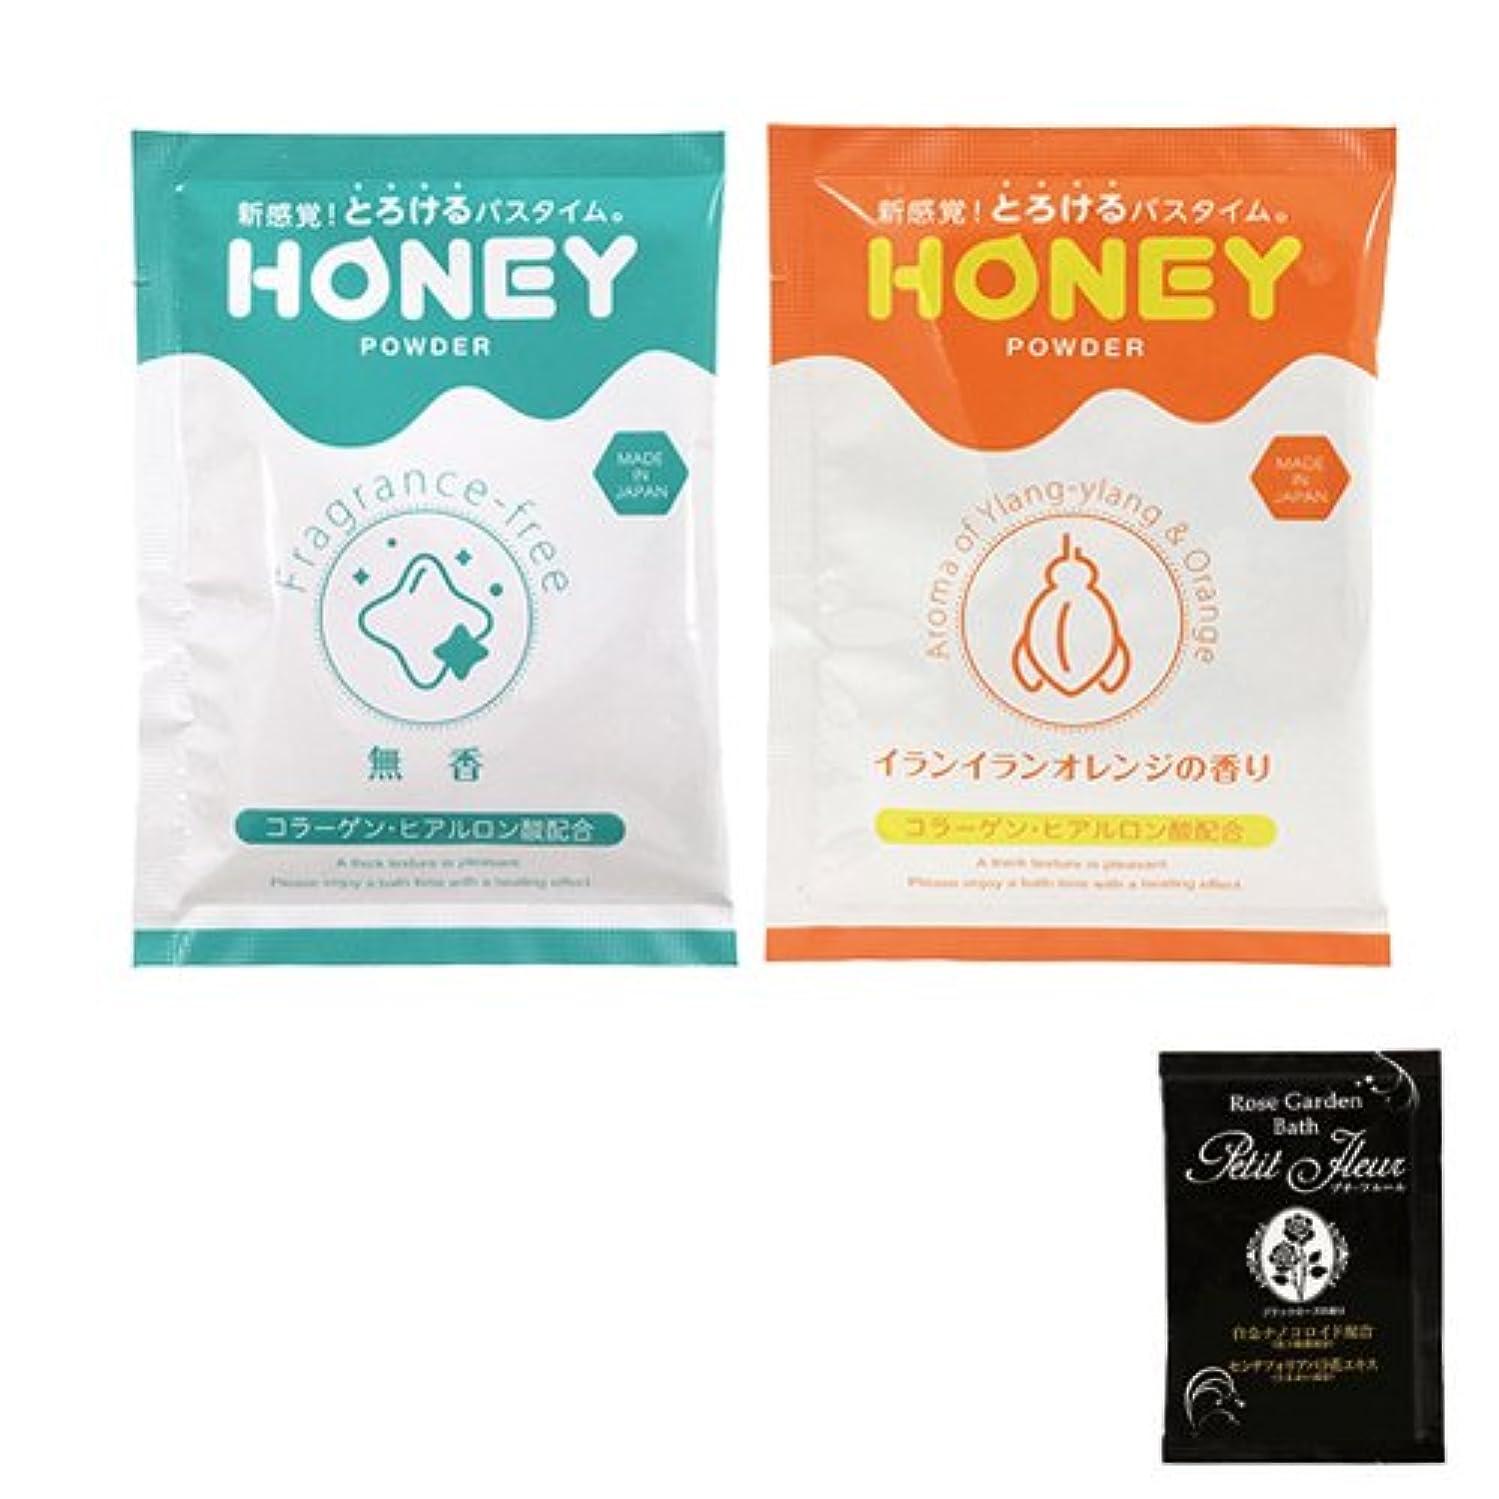 オークション購入別々にとろとろ入浴剤【honey powder】粉末タイプ イランイランオレンジの香り + 無香 + 入浴剤(プチフルール)1回分